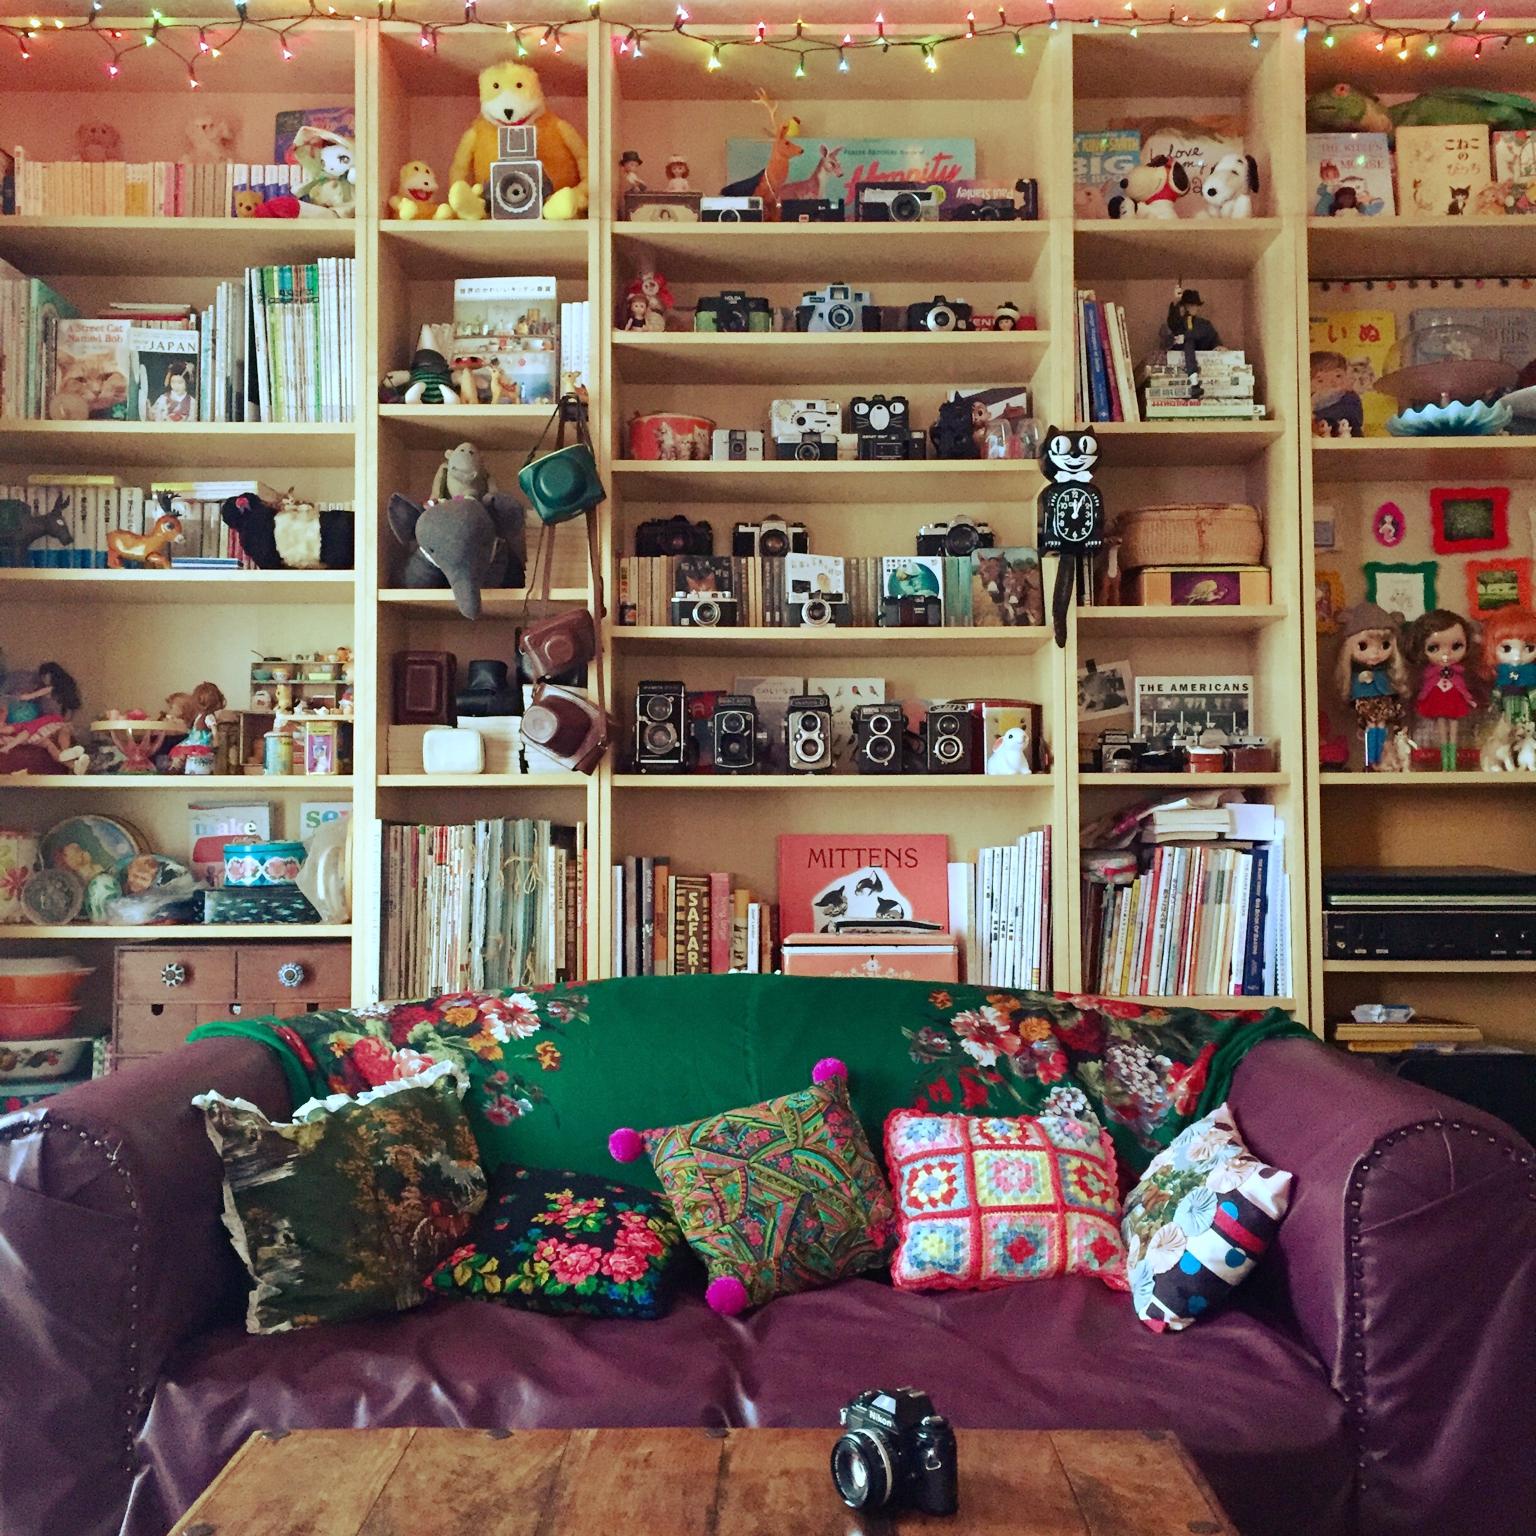 壁一面モノだらけな収納兼飾り棚 | RoomClip mag | 暮らしとインテリアのwebマガジン